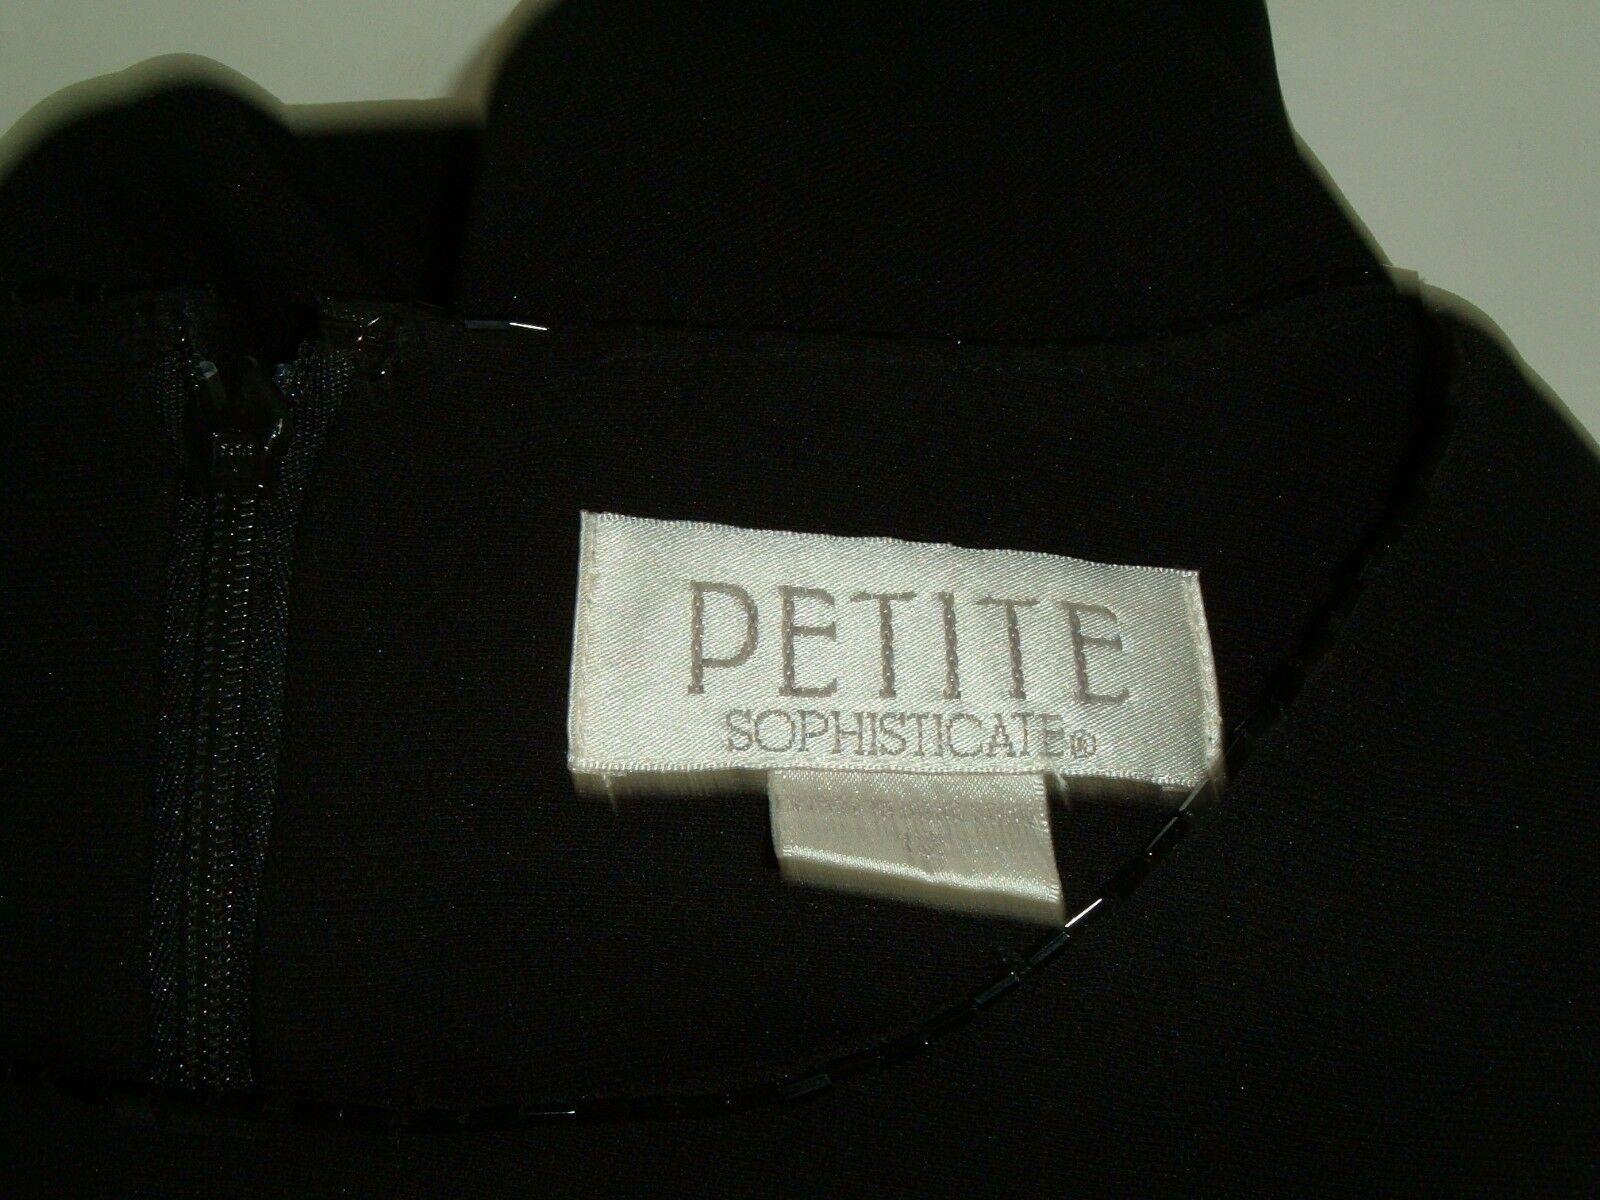 Women's Petite Sophisticate Black Shift Dress Sz 12 Vtg 90s LBD Beaded Neckline image 4